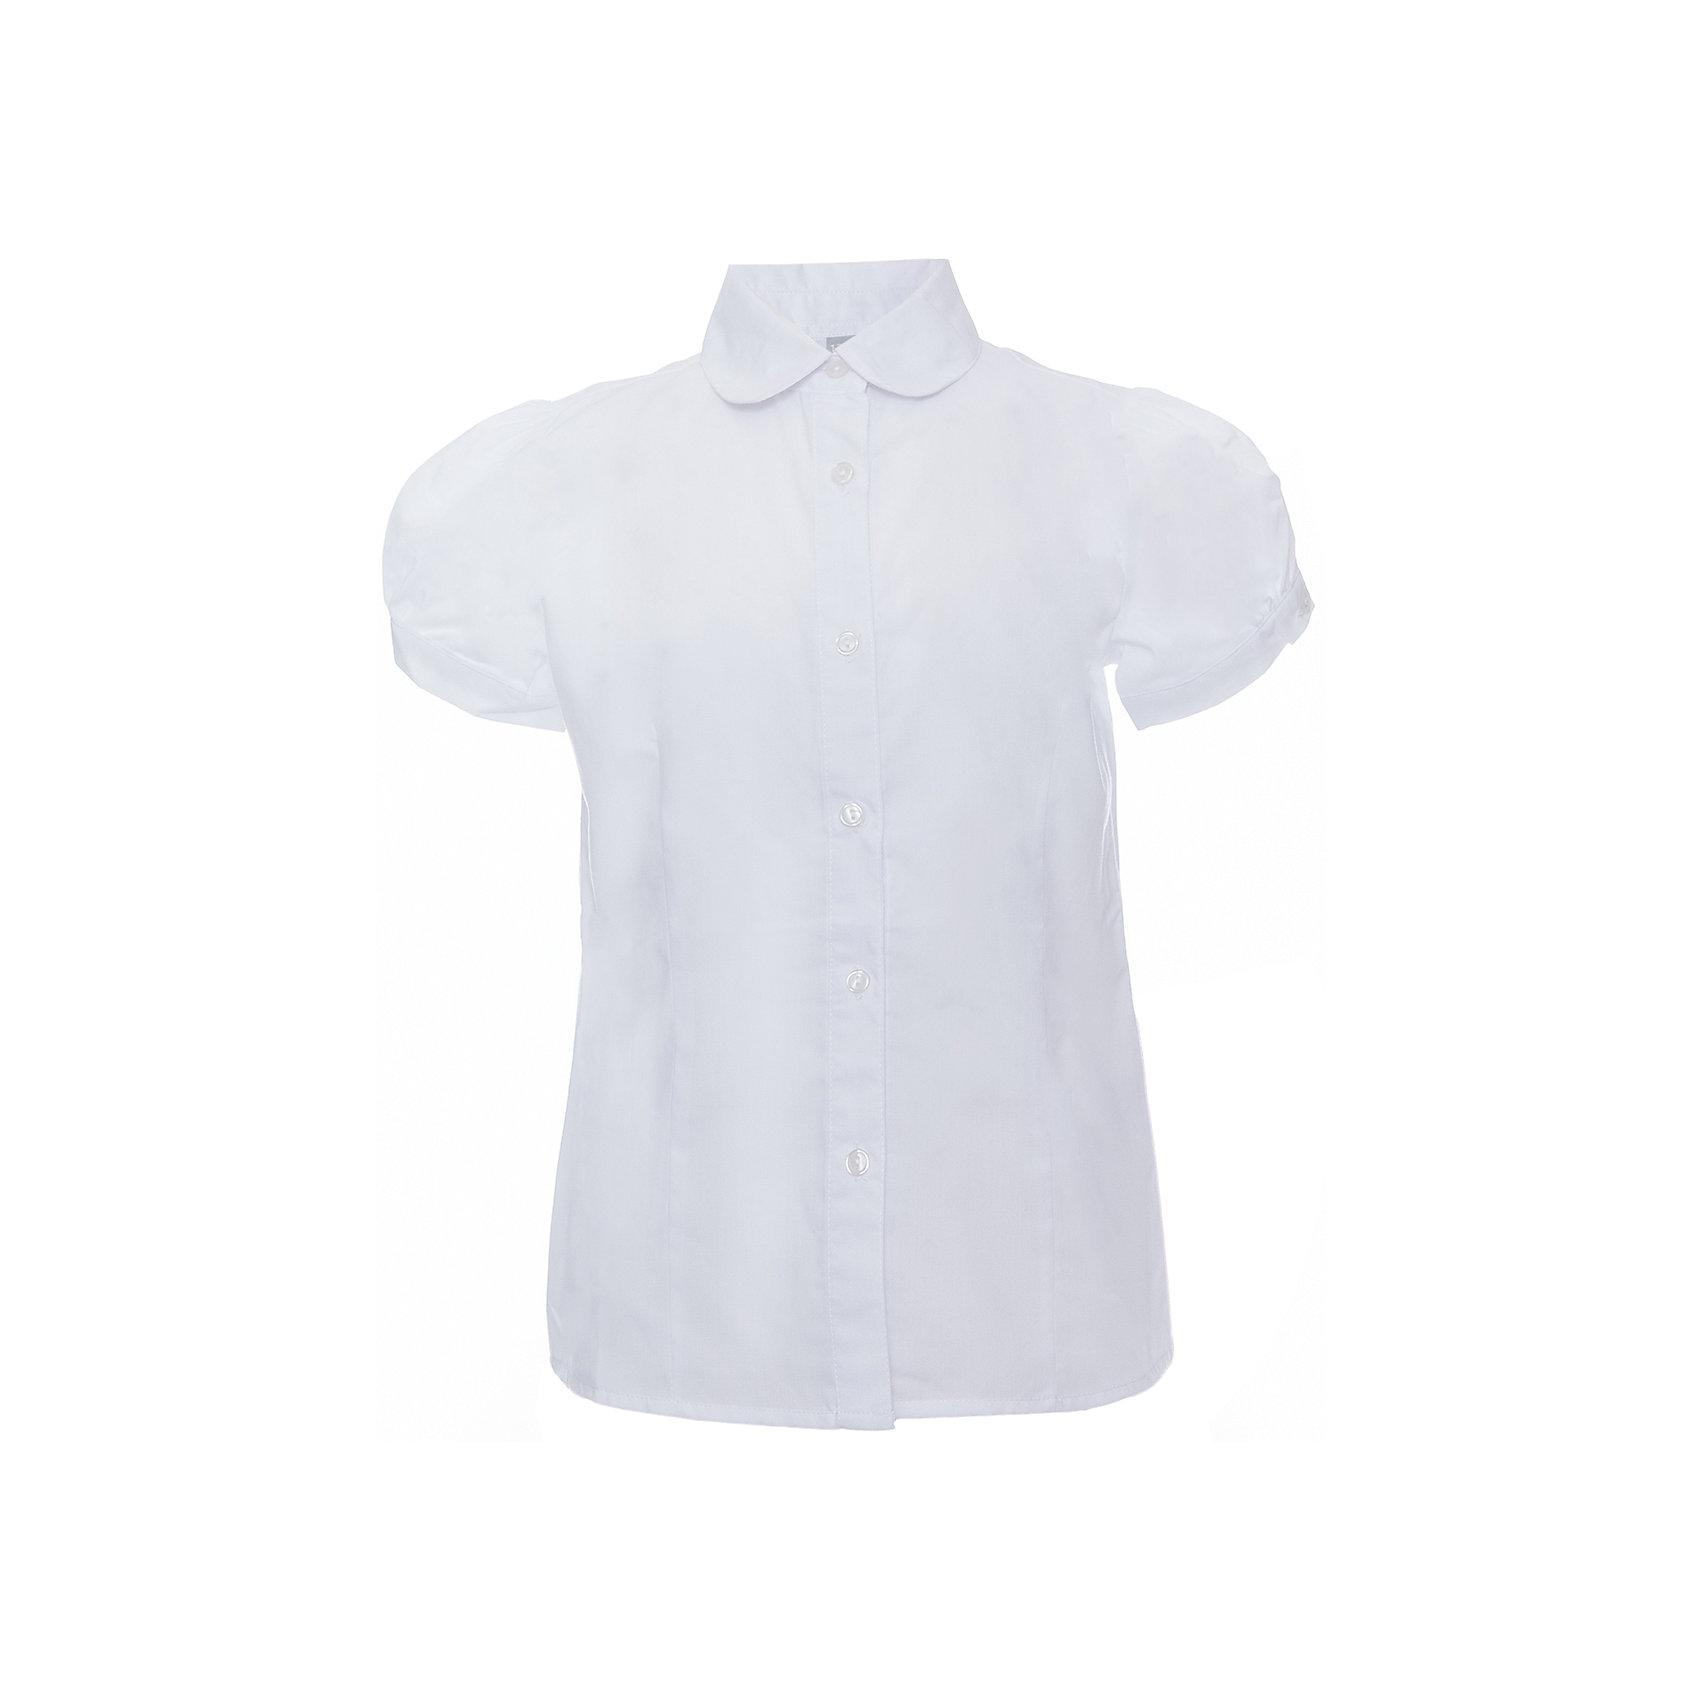 Блузка для девочки ScoolБлузки и рубашки<br>Блузка для девочки от известного бренда Scool<br>Состав:<br>65% хлопок, 35% полиэстер<br>Стильная белая блузка на пуговках. Округлый воротник. Рукава-фонарики придают кокетства.<br><br>Ширина мм: 186<br>Глубина мм: 87<br>Высота мм: 198<br>Вес г: 197<br>Цвет: белый<br>Возраст от месяцев: 132<br>Возраст до месяцев: 144<br>Пол: Женский<br>Возраст: Детский<br>Размер: 152,146,164,158,140,134,128,122<br>SKU: 4687011